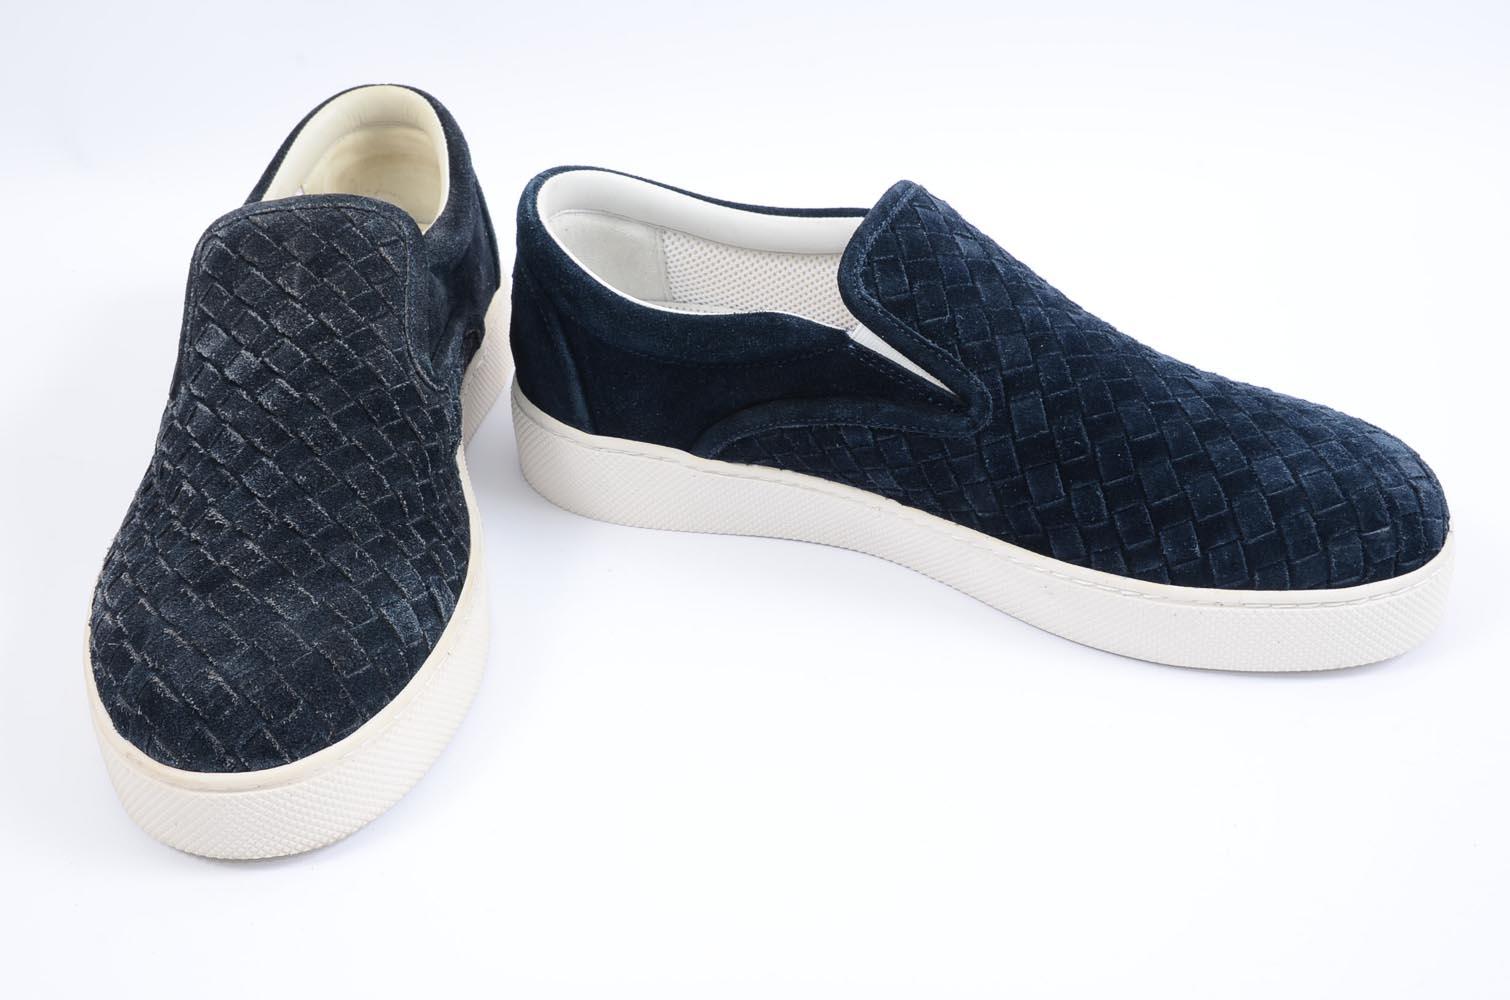 2f90579f Bottega Veneta Dodger dark navy 7 40 intrecciato butterfly sneaker shoe NEW  $640